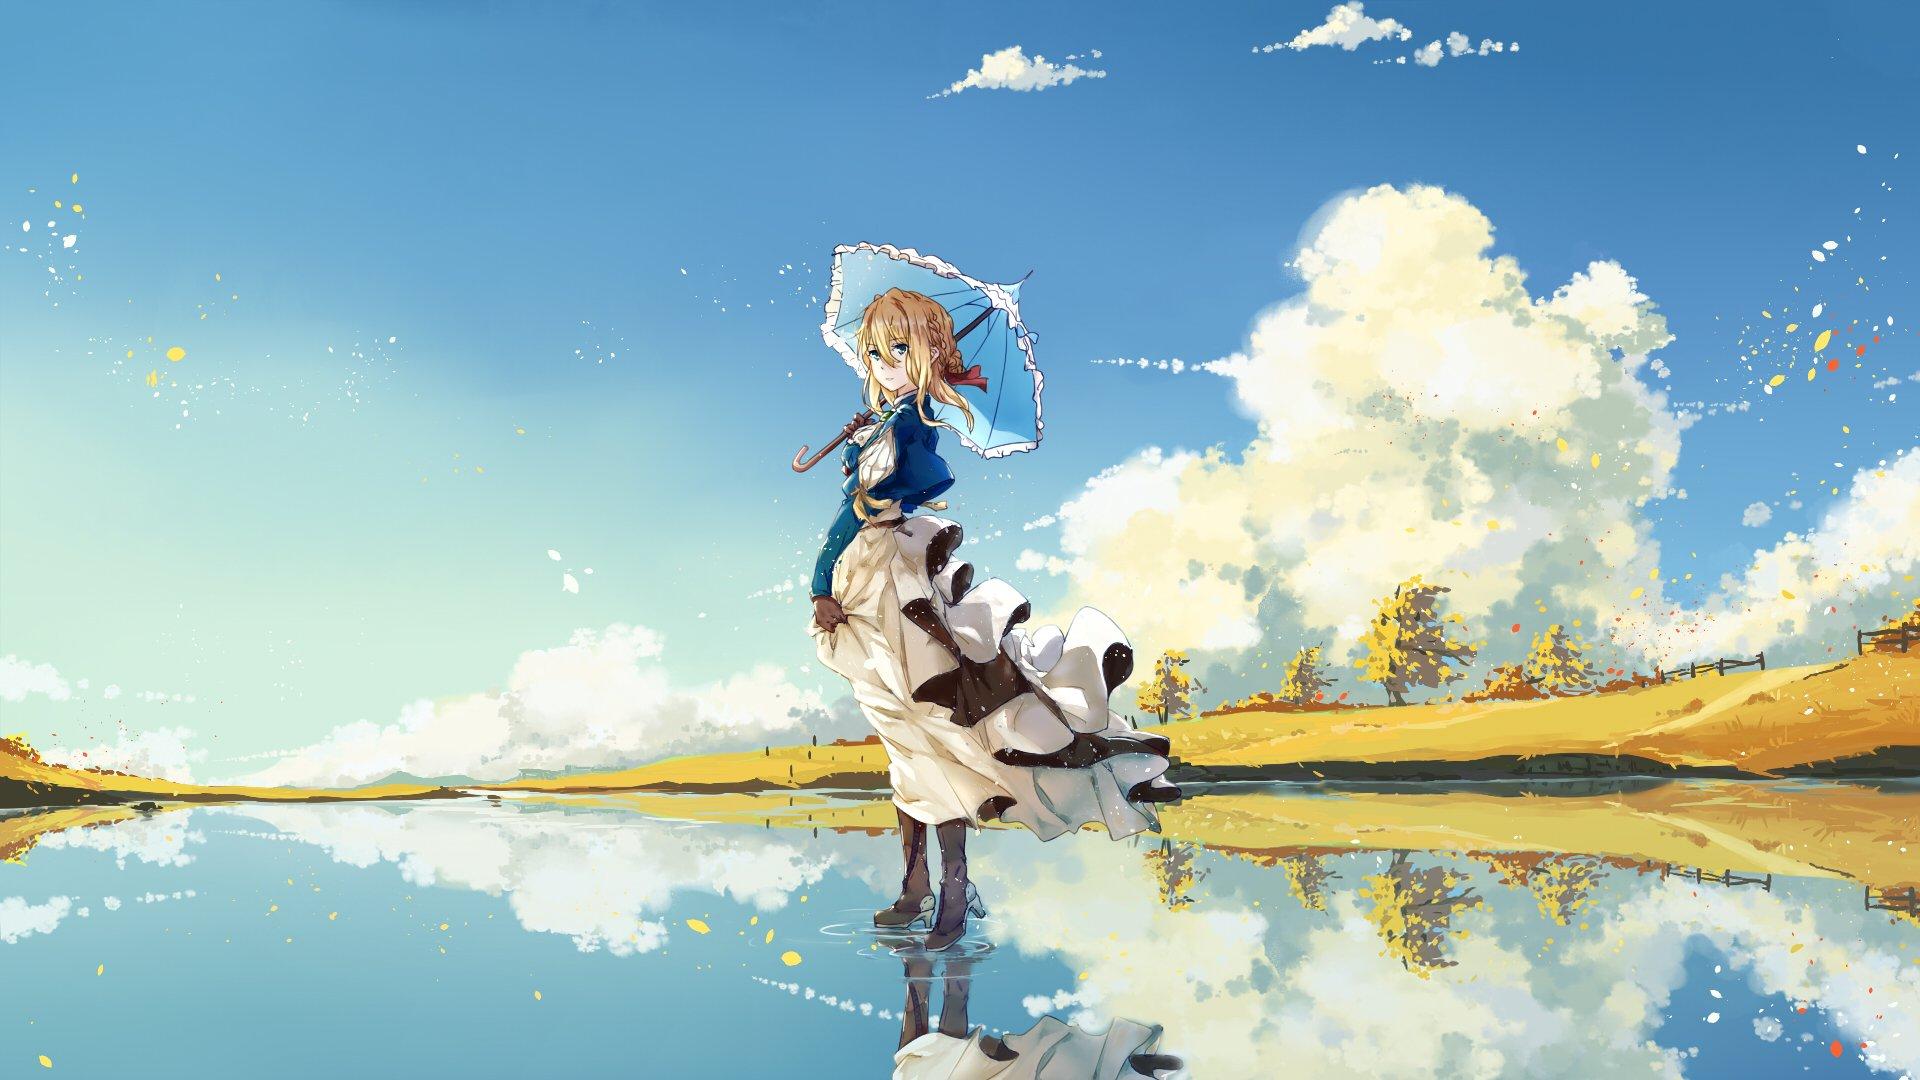 Anime - Violet Evergarden  Violet Evergarden (Character) Sfondo